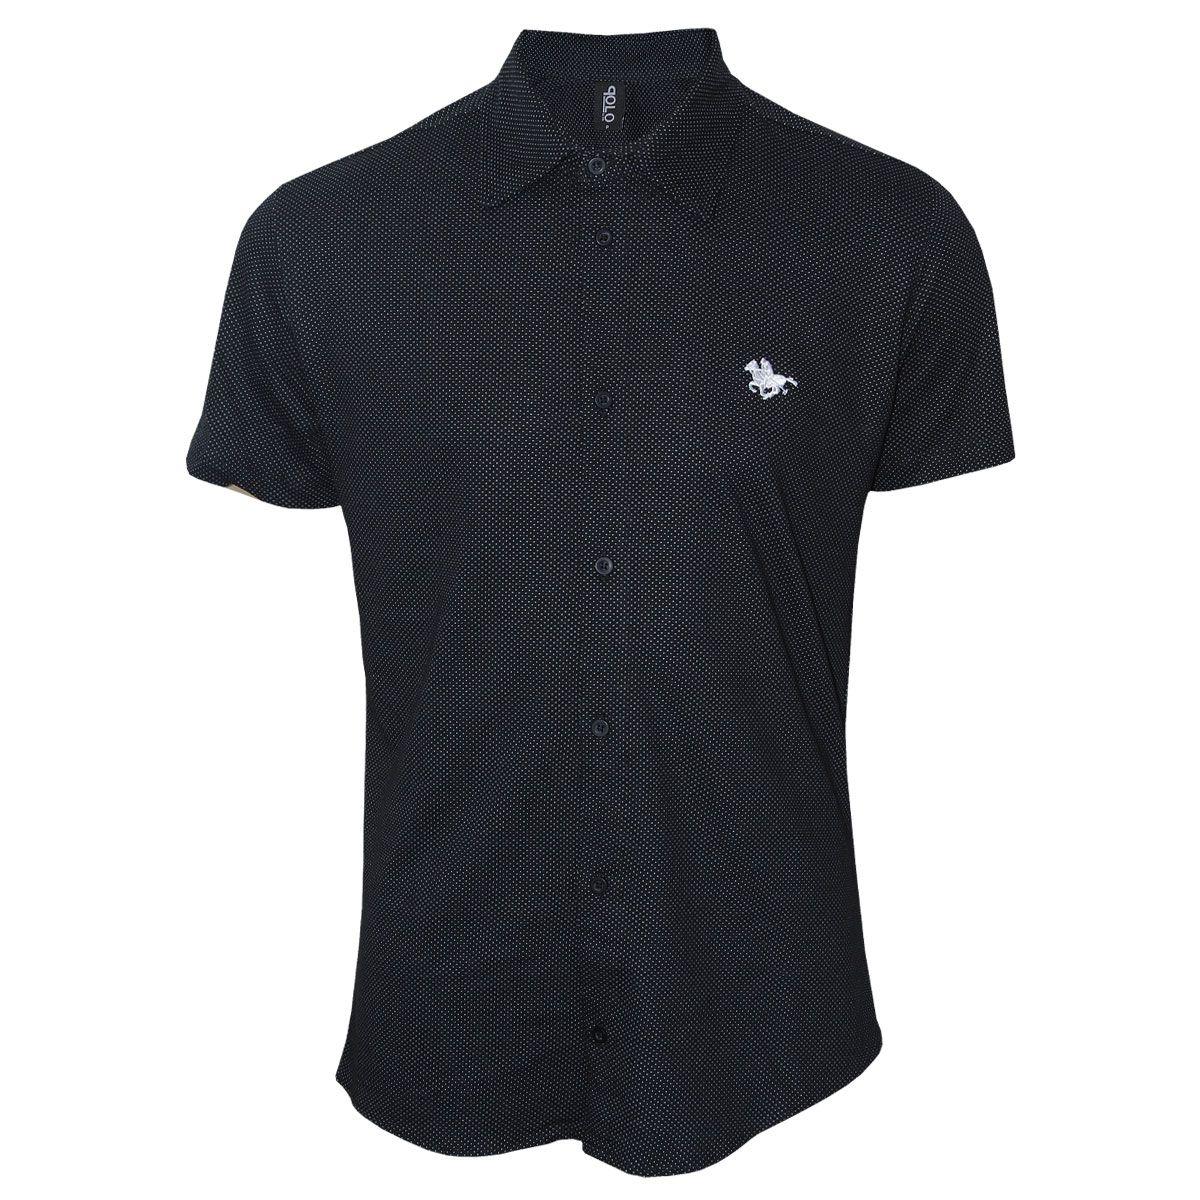 Camisa Manga Curta e Bordado Especial